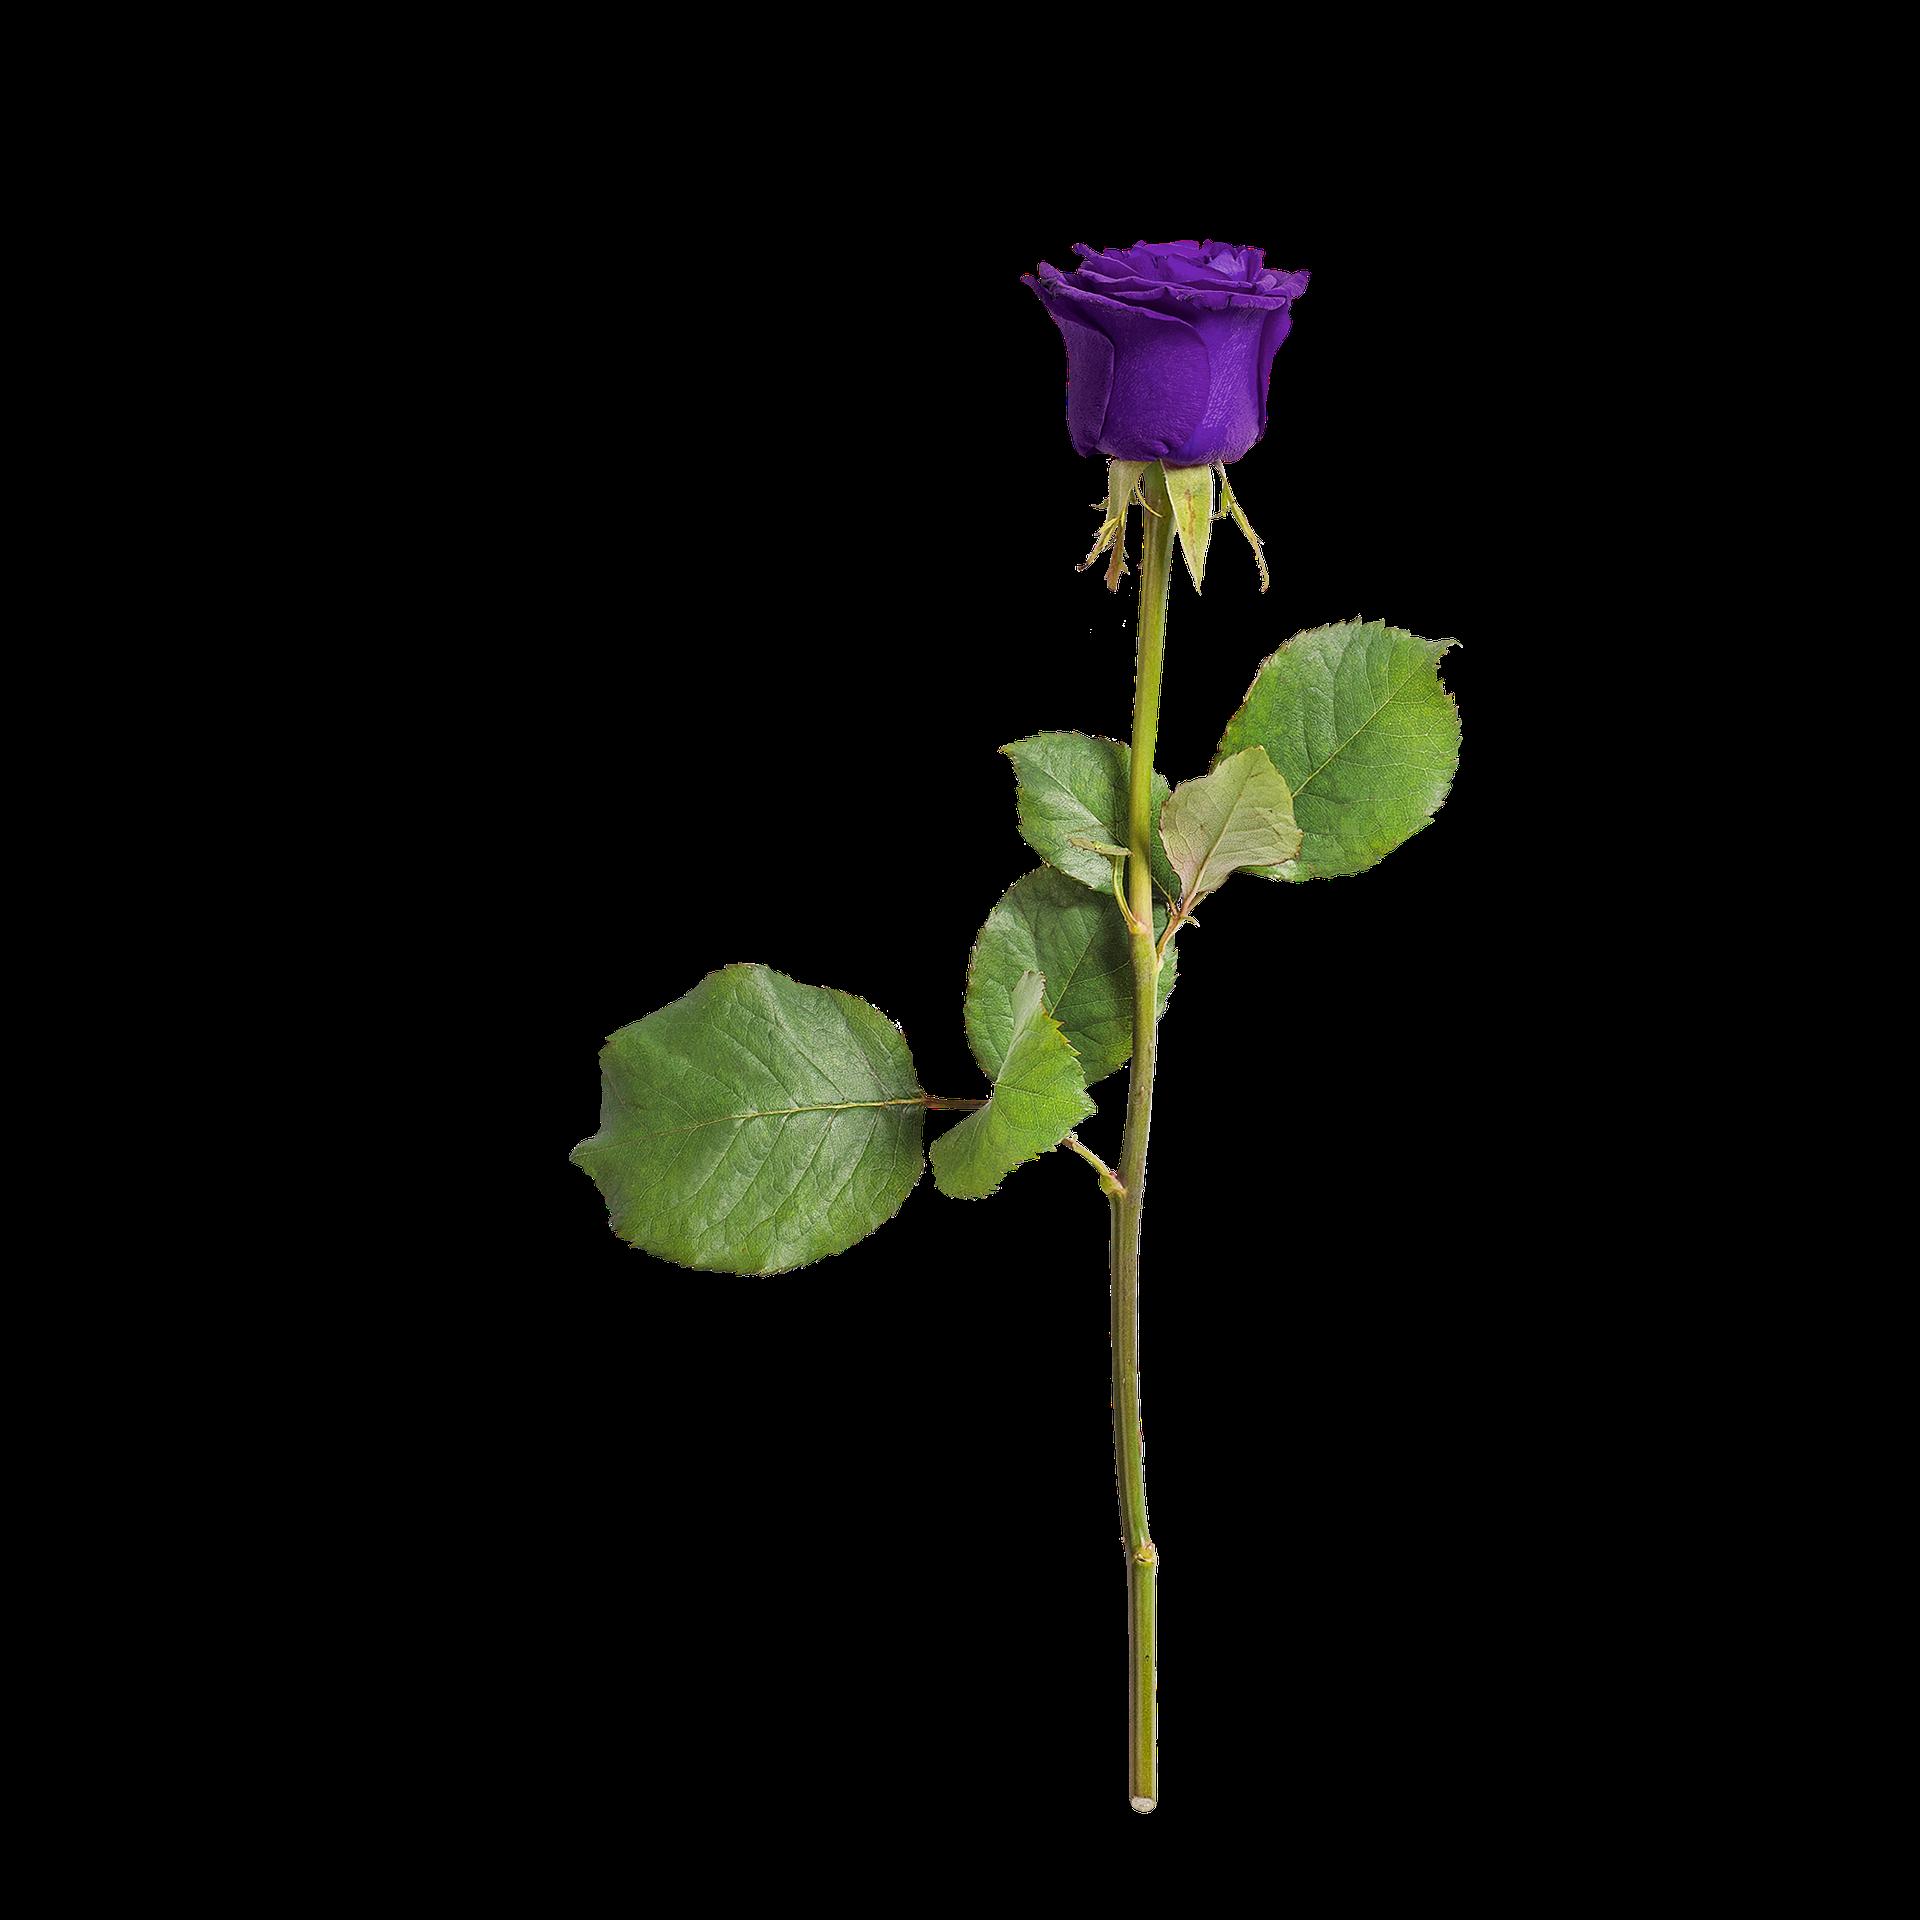 rose-3246277_1920.png